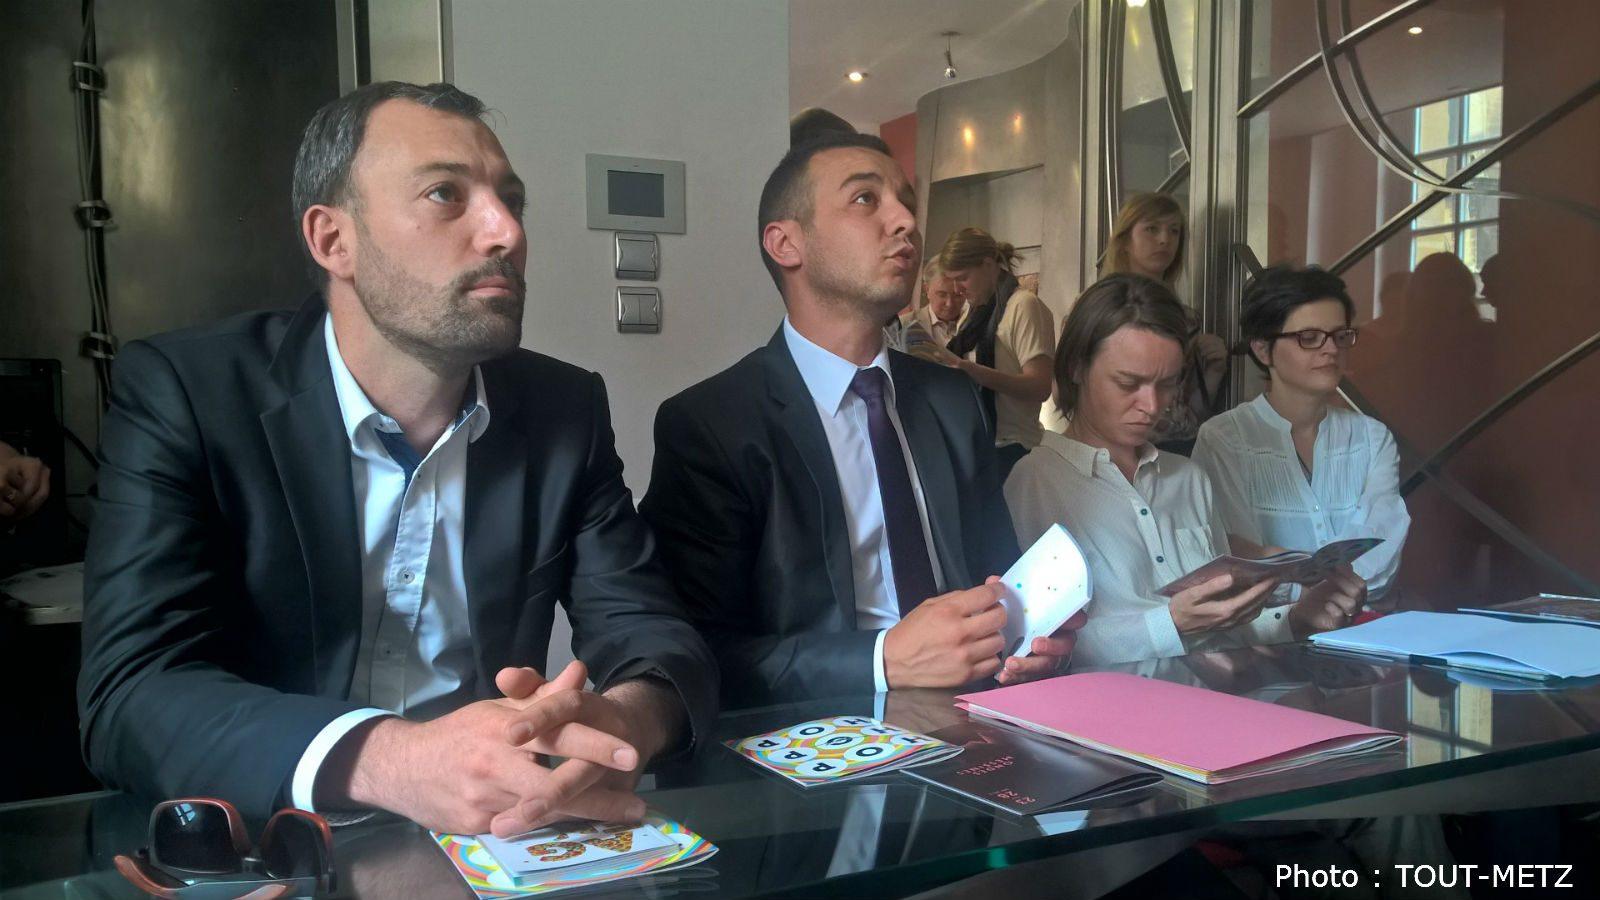 Metz : festivals, cinéma plein air et expositions animeront l'été